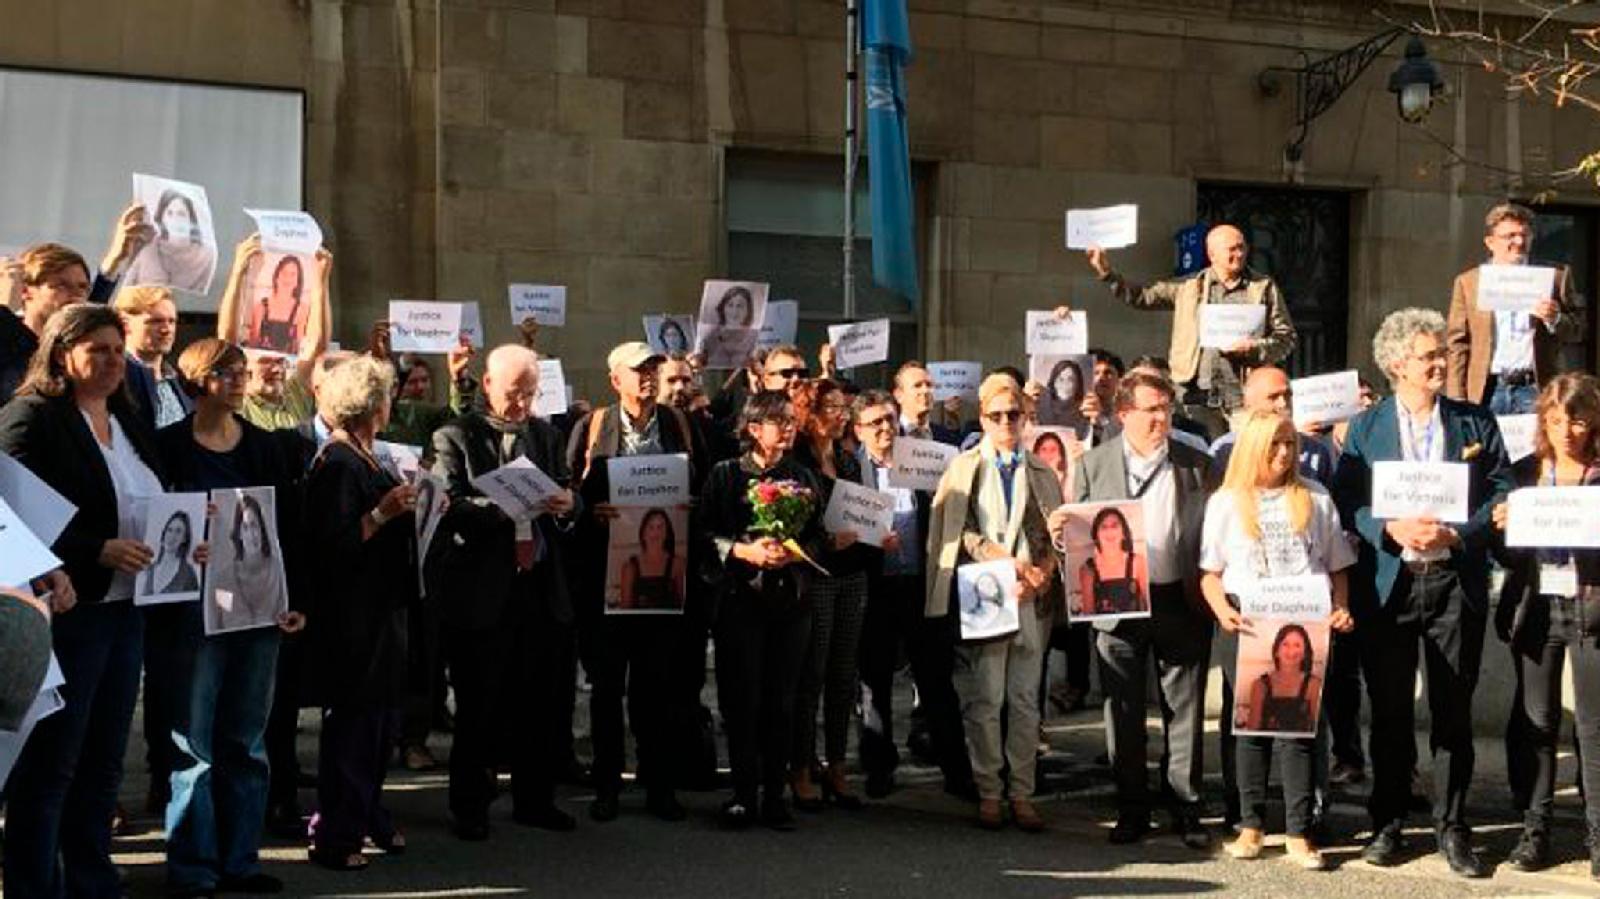 Акции с требованием расследования убийства Дафны Каруаны Галисии – Брюссель, Мальта